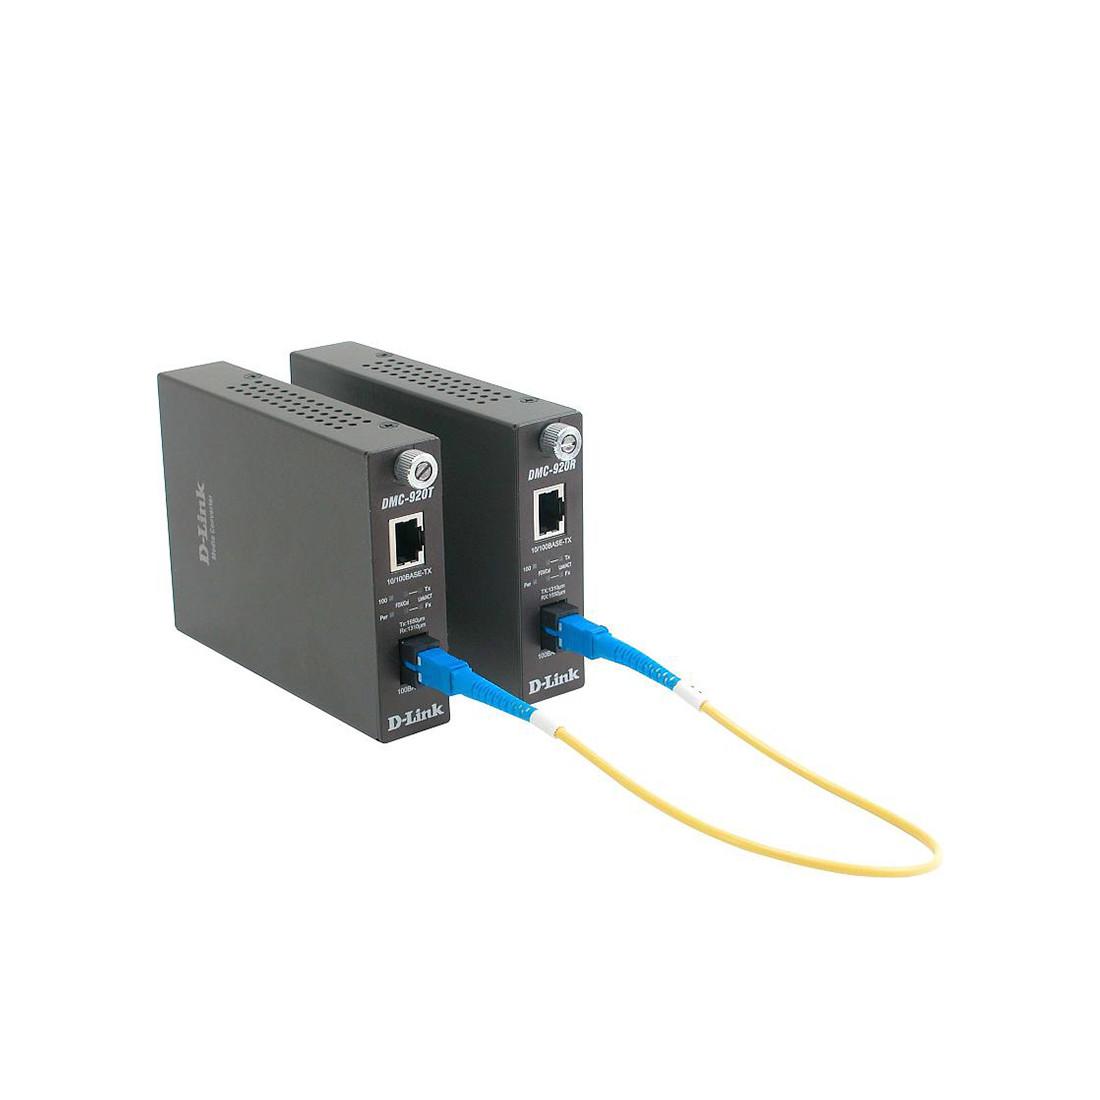 Медиаконвертер одномод WDM D-Link DMC-920T/B10A (20 км)